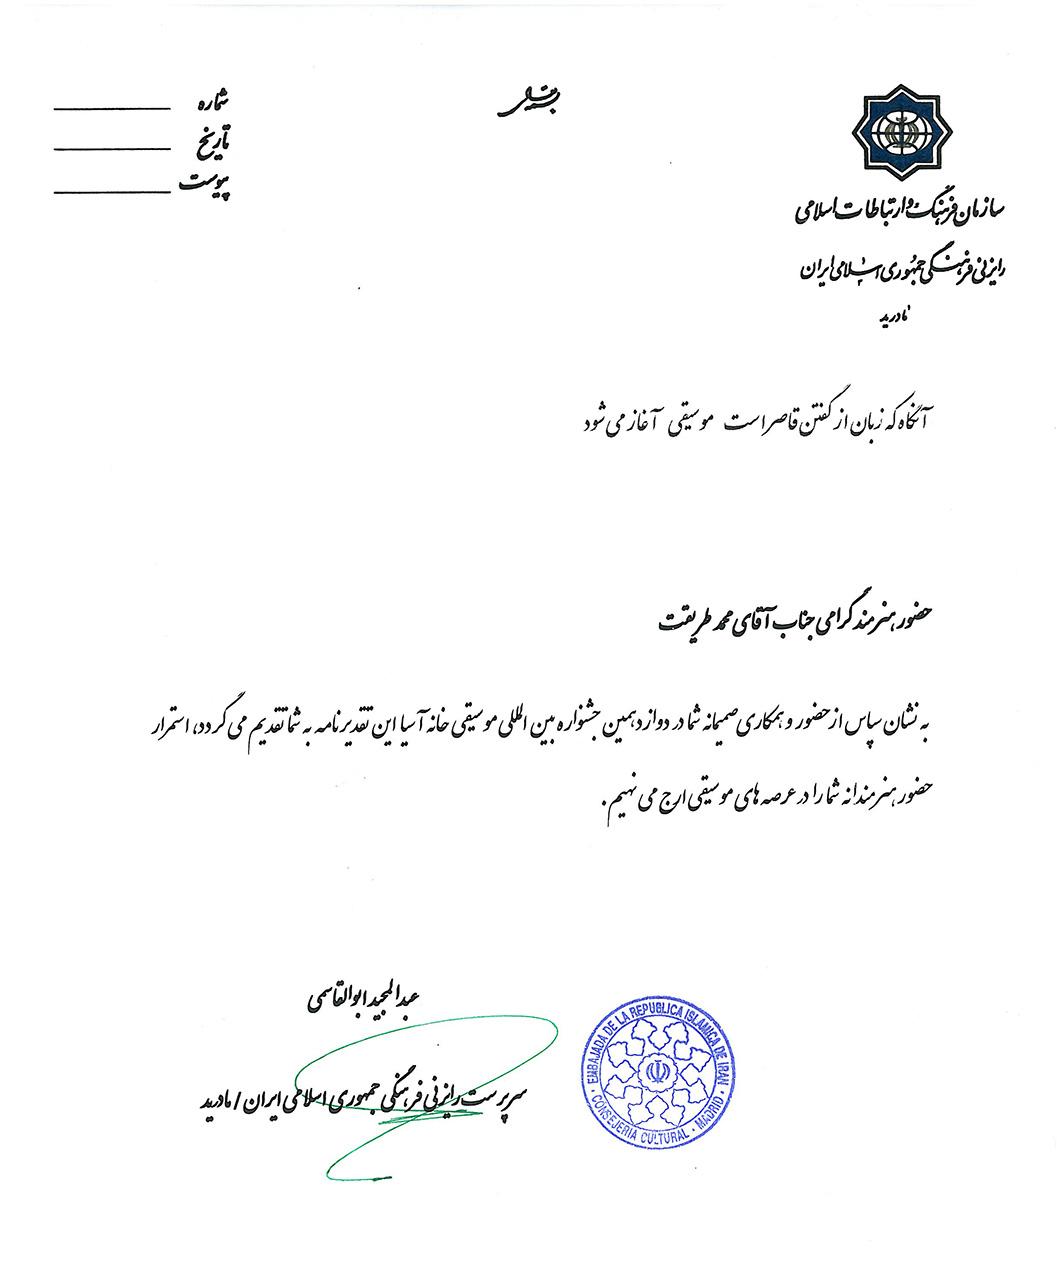 تقدیرنامه رایزن فرهنگی سفارت ایران در مادرید